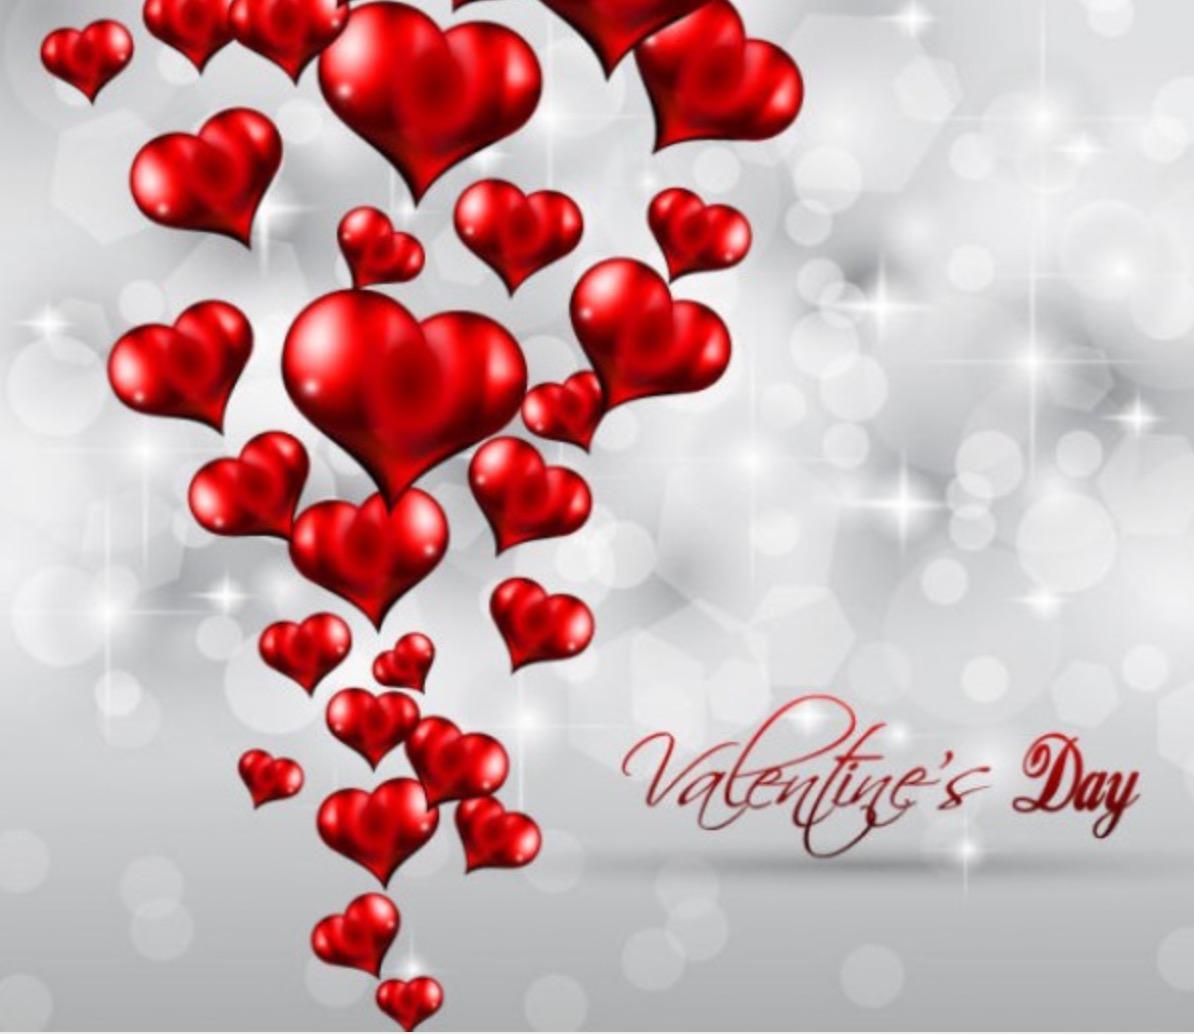 Buon San Valentino Il Forum Di Dimmicosacerchi